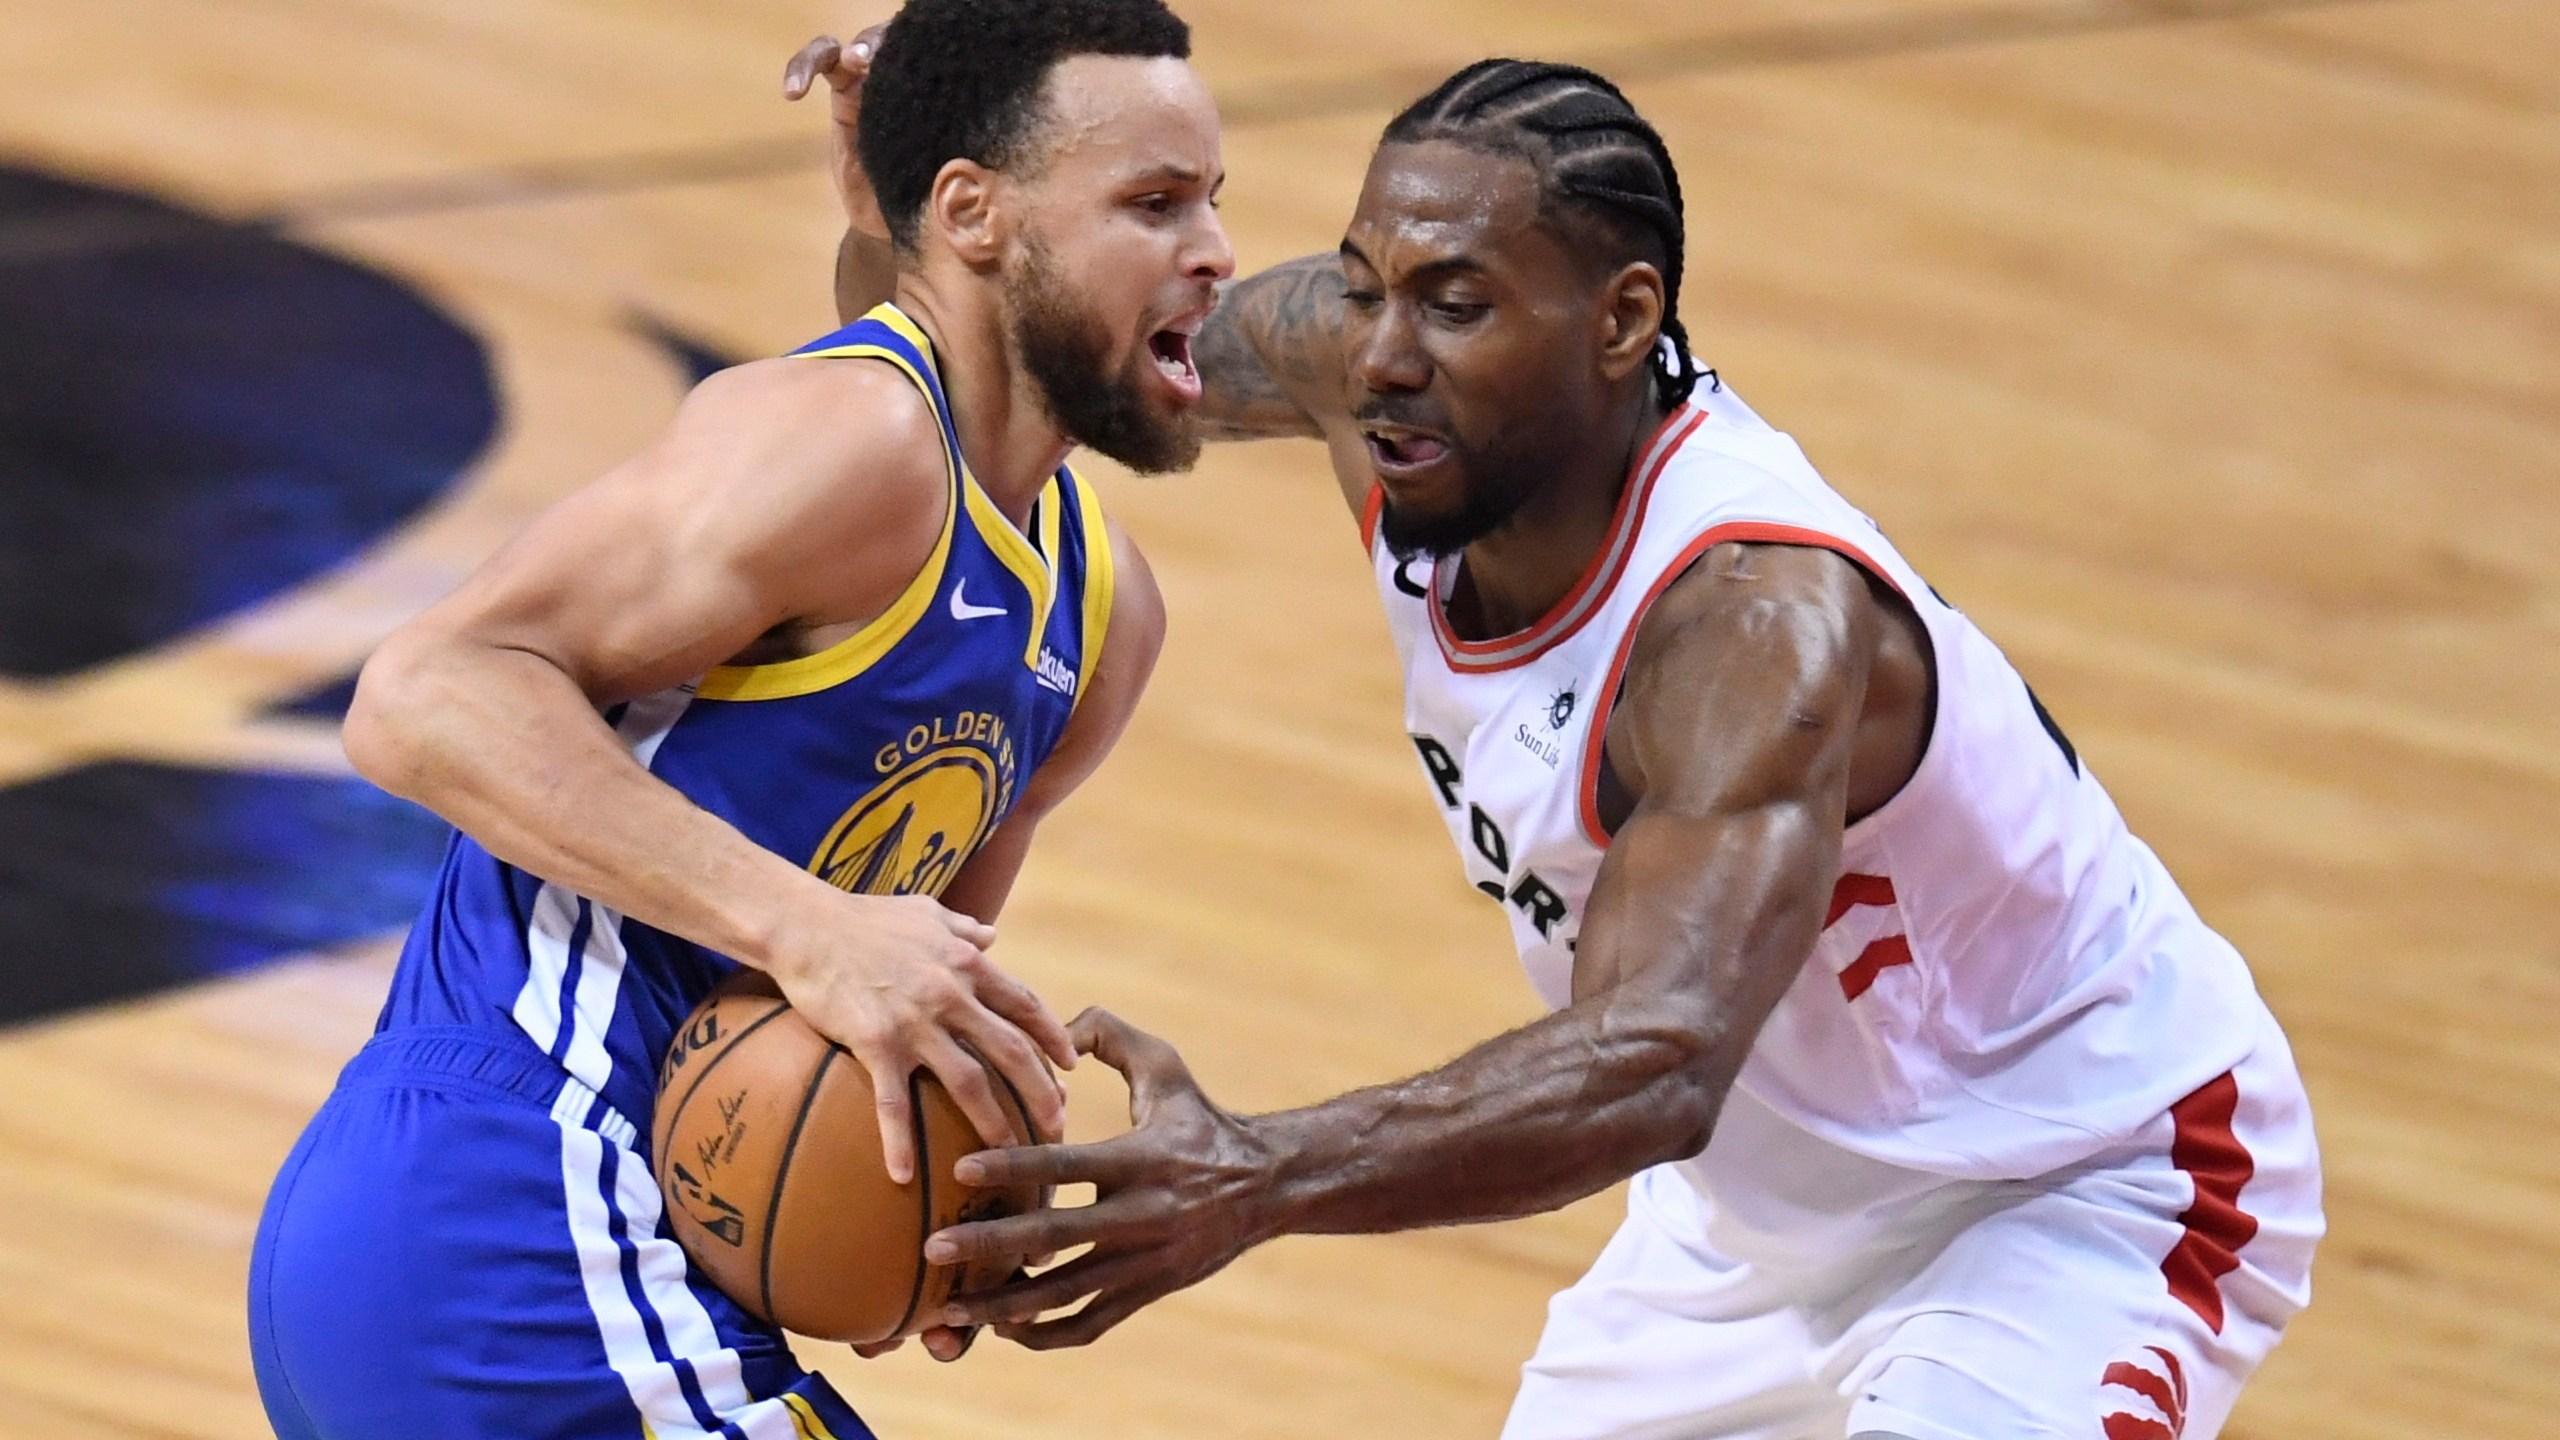 NBA_Finals_Basketball_30214-159532.jpg33411548